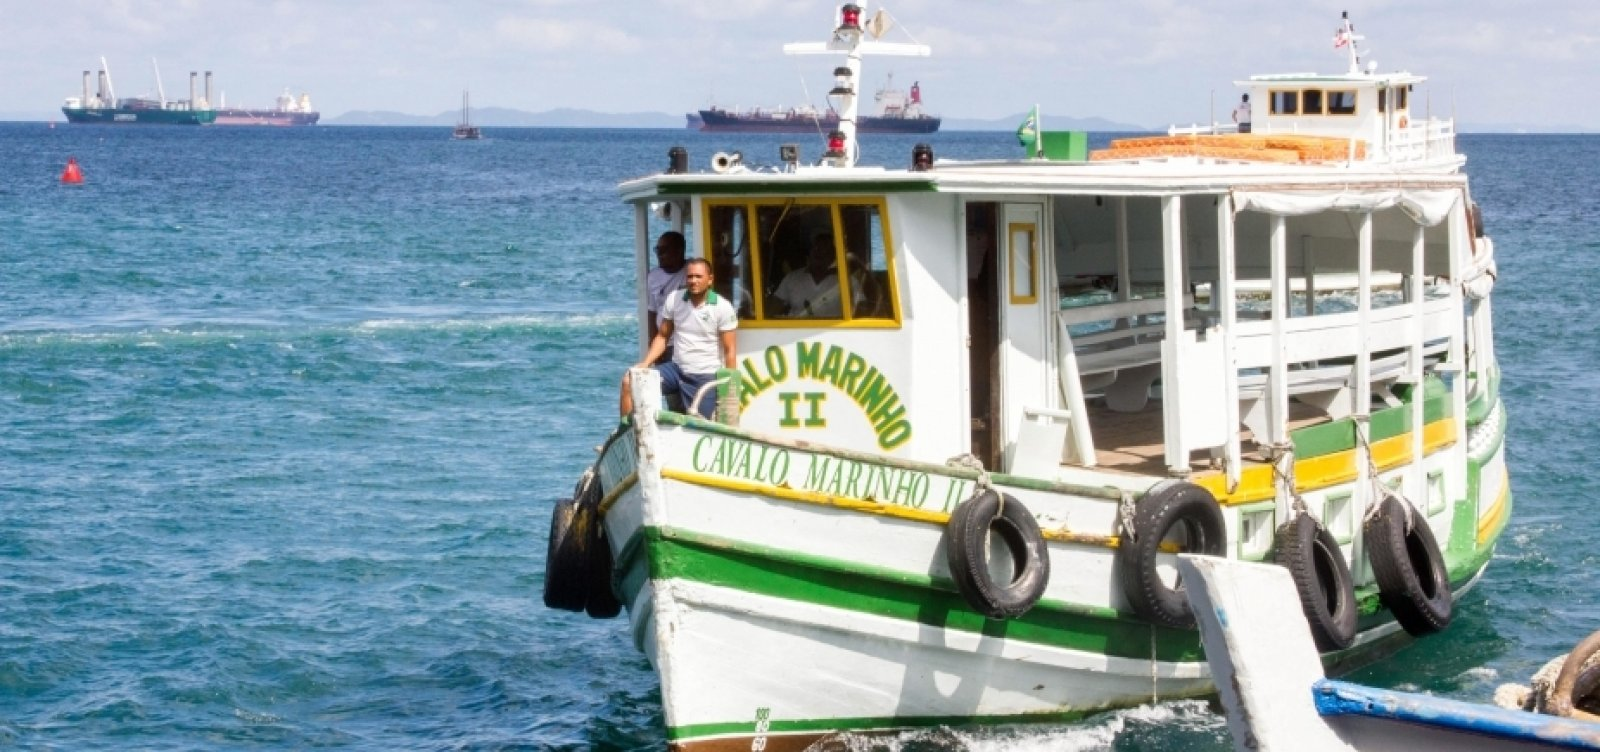 Por mau tempo, travessia Salvador-Mar Grande segue suspensa nesta terça